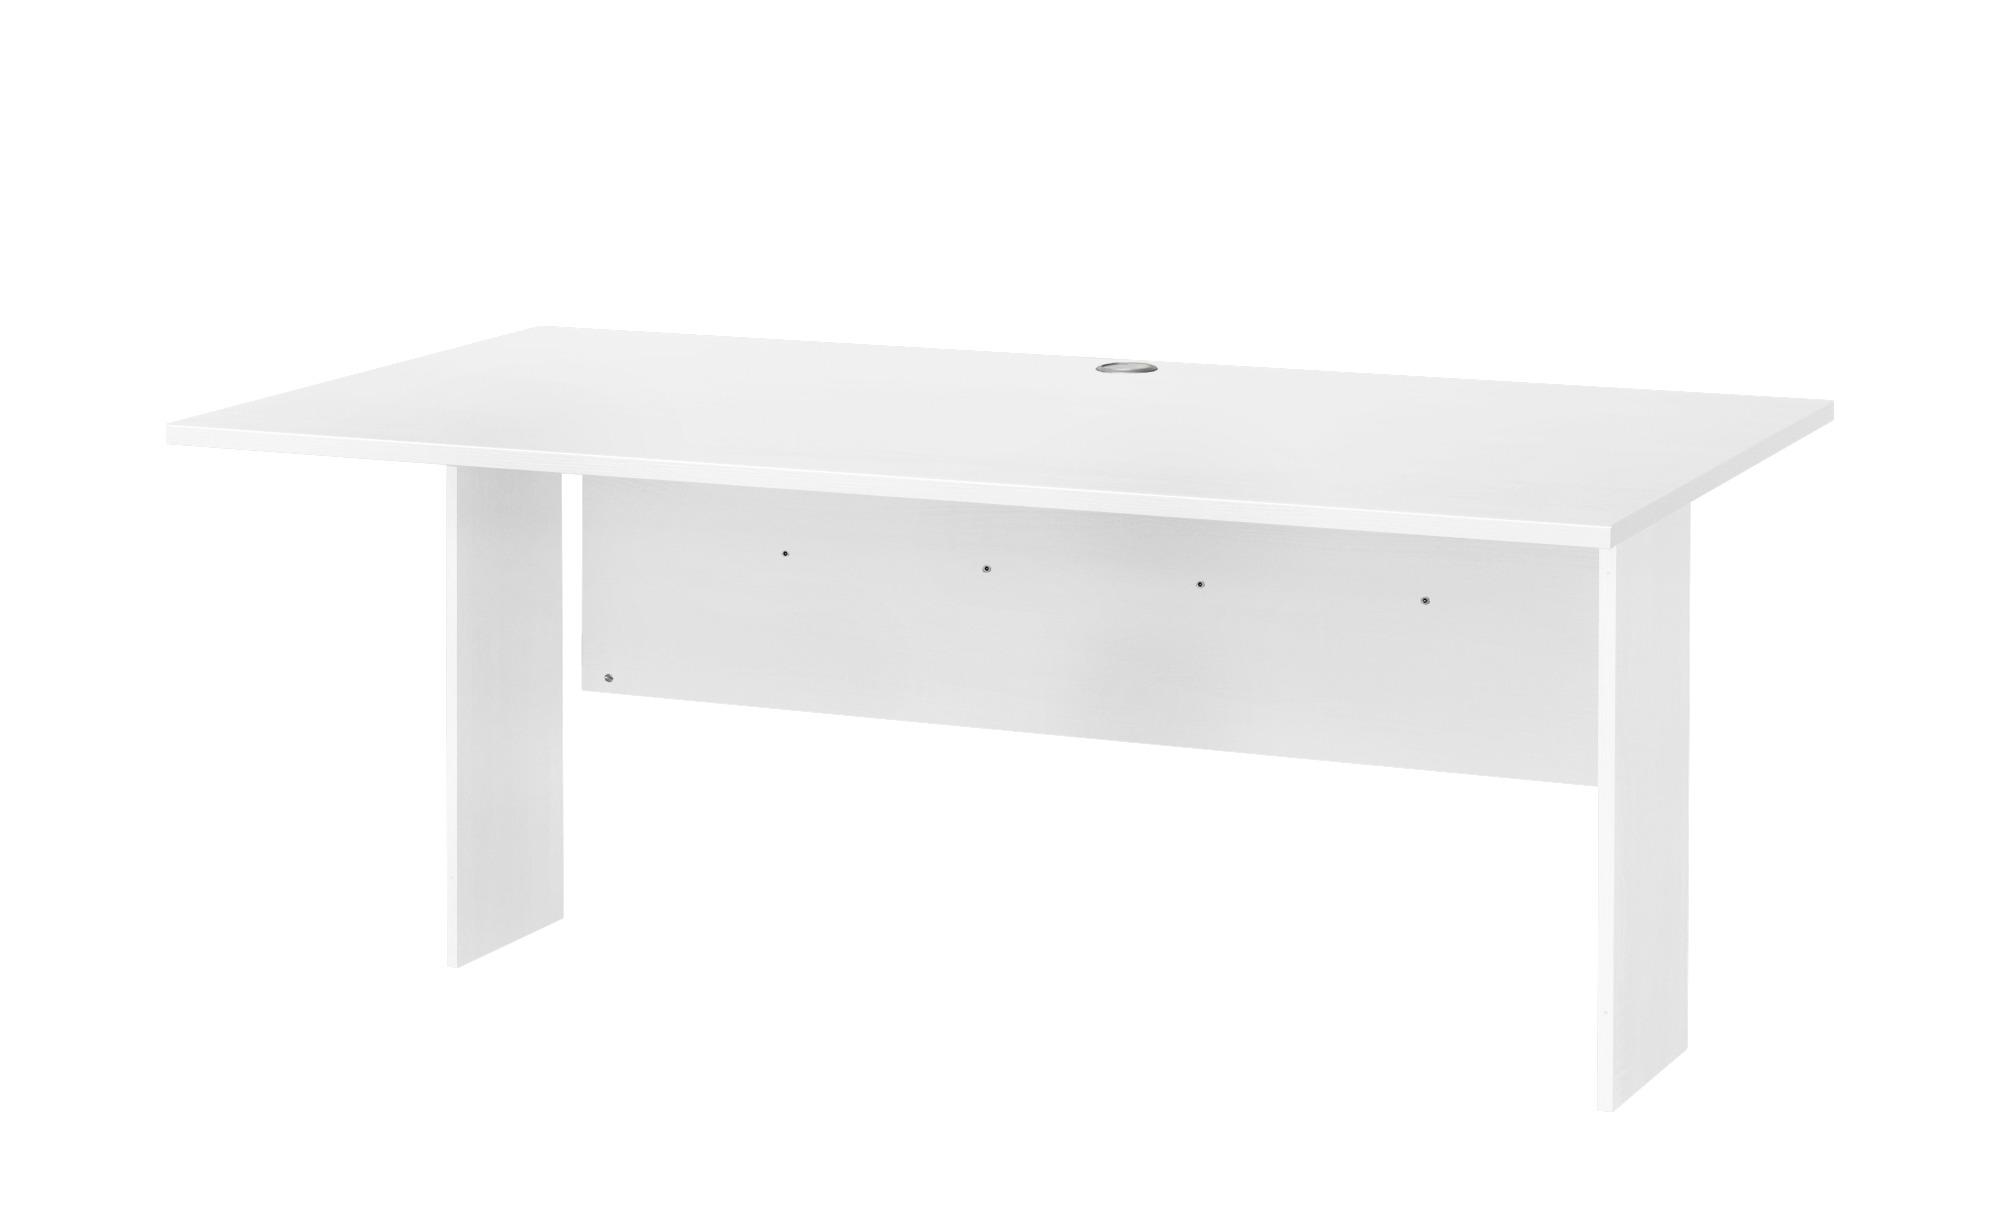 Schreibtischplatte  Success ¦ weiß ¦ Maße (cm): B: 160 T: 80 Tische > Tischplatten - Höffner | Büro > Bürotische > Bürotische-Zubehör | Möbel Höffner DE